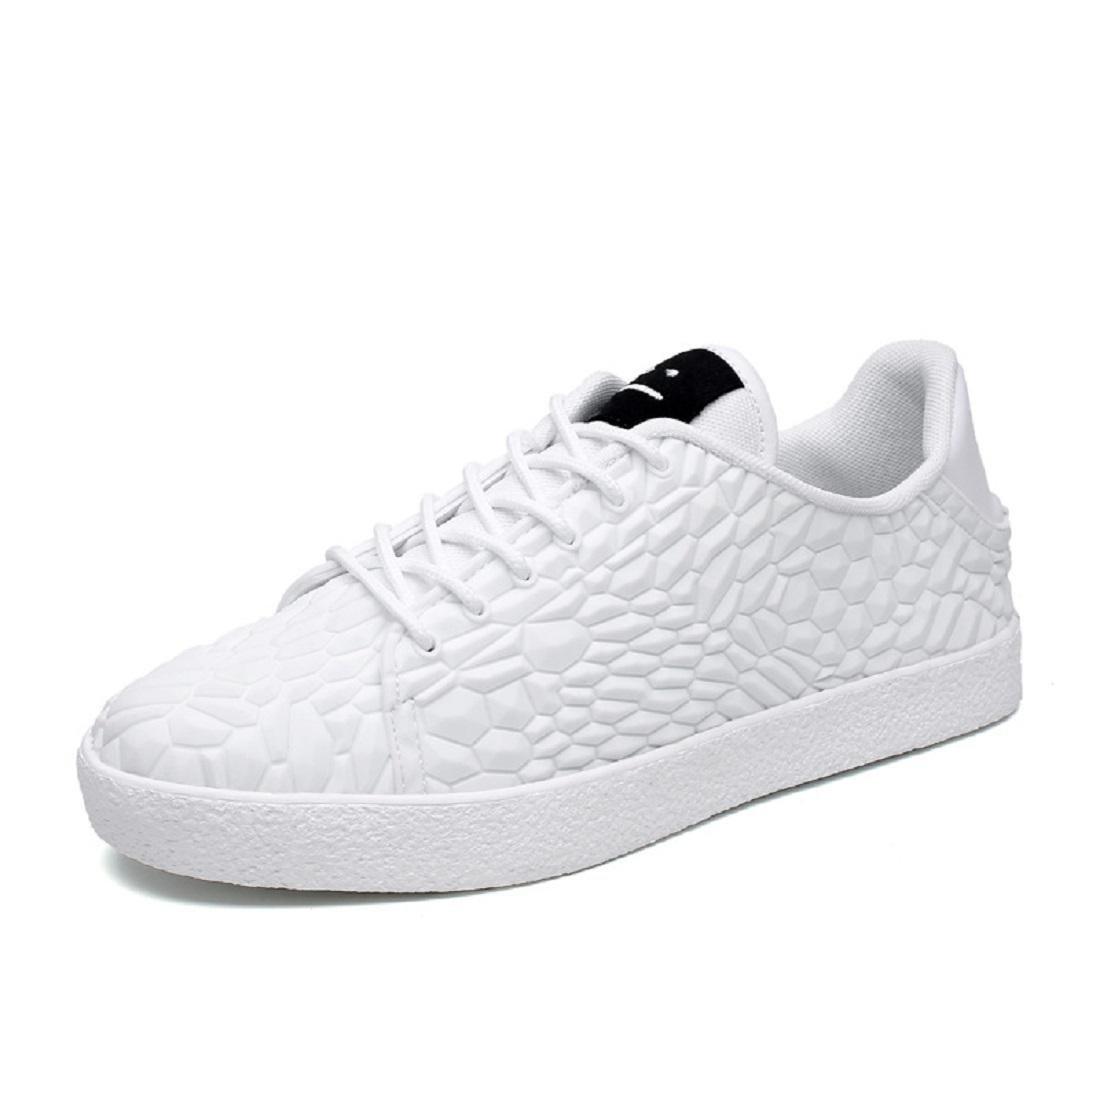 Herren Das neue Frühling Mode Sportschuhe Turnschuhe Niedrige Schuhe Lässige Schuhe Flache Schuhe Licht Gemütlich EUR GRÖSSE 39-44